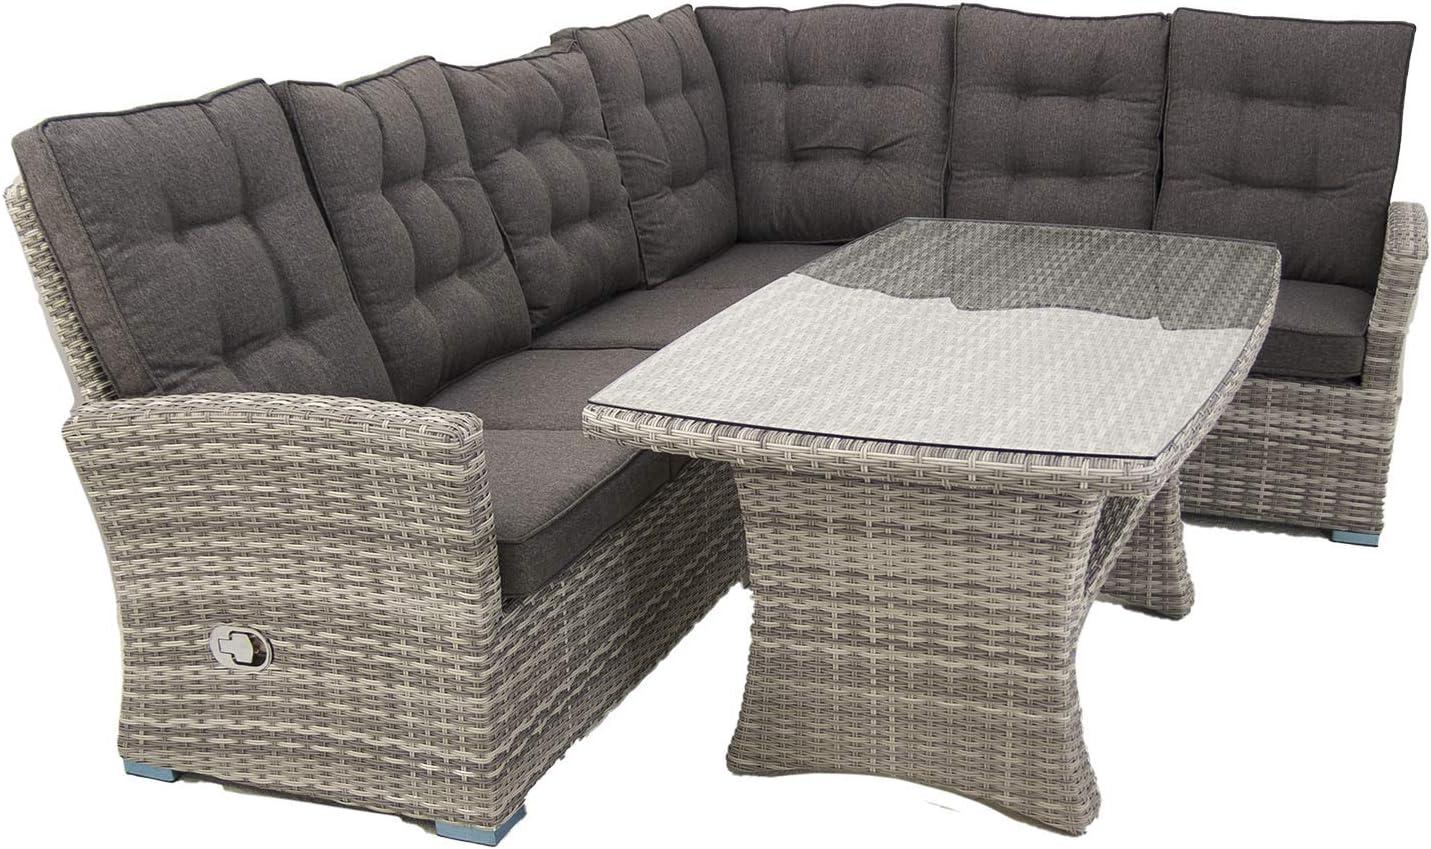 Edenjardi Conjunto sof/ás de Exterior esquinero con Mesa Centro Color Gris Aluminio y ratt/án sint/ético Esquinas reclinables 5 plazas